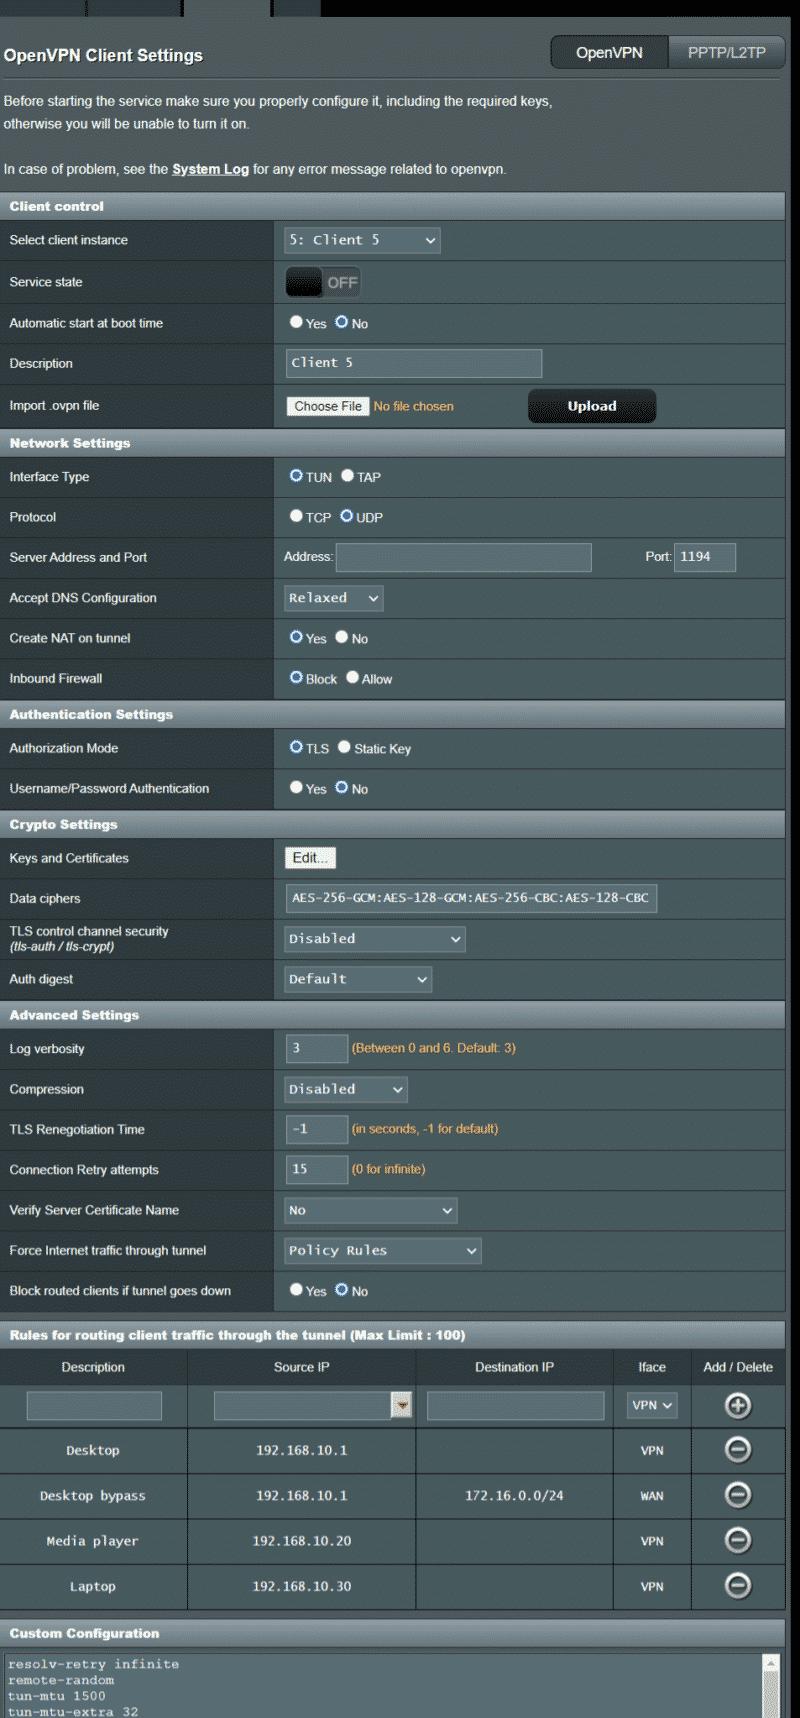 ASUSWRT Merlin mit veränderter OpenVPN Verwaltung